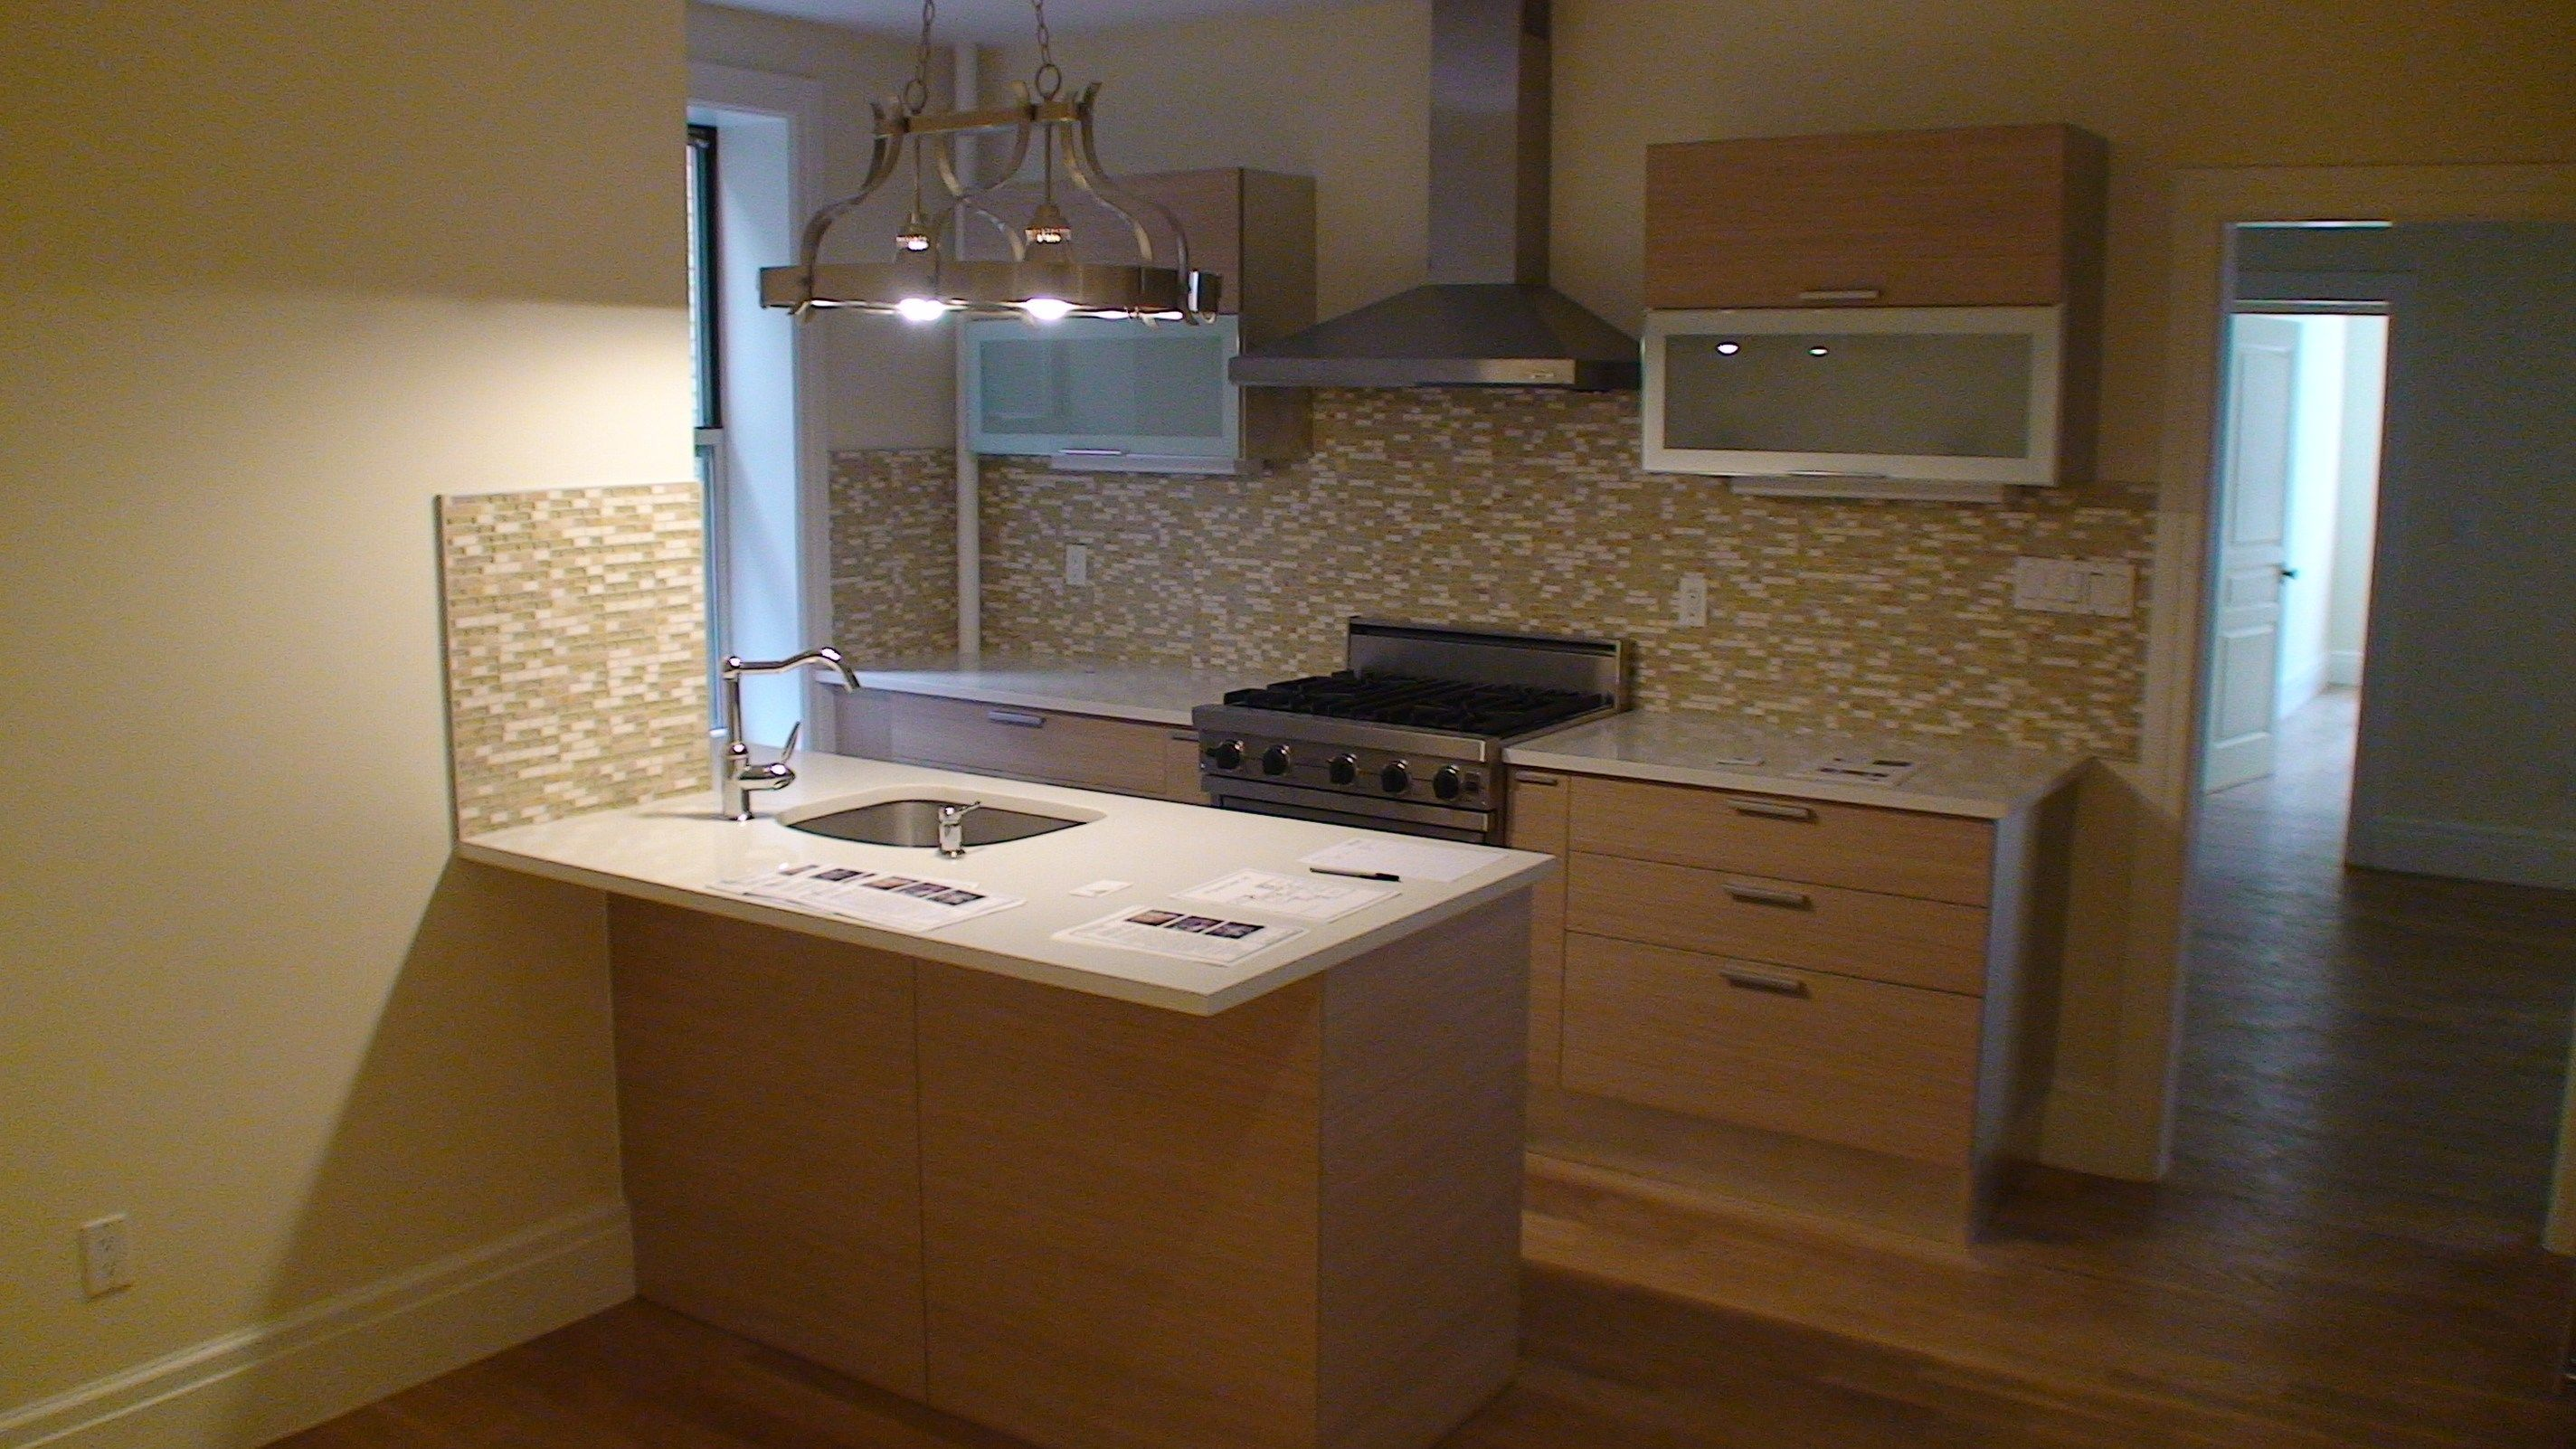 Kitchen designs artistic kitchen design nyc kitchen remodeling